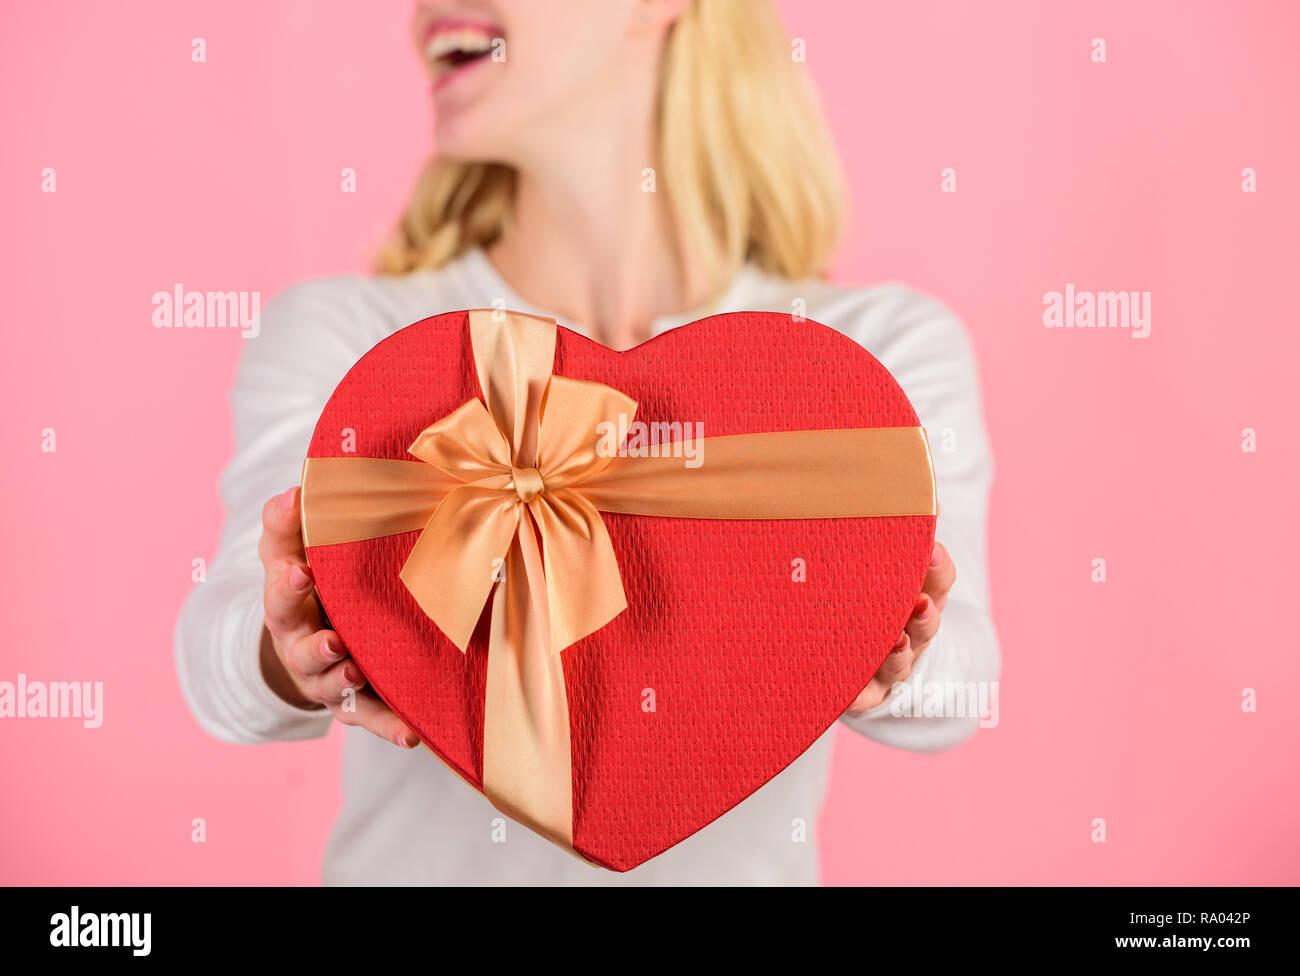 Romantische überraschung für freund zu hause